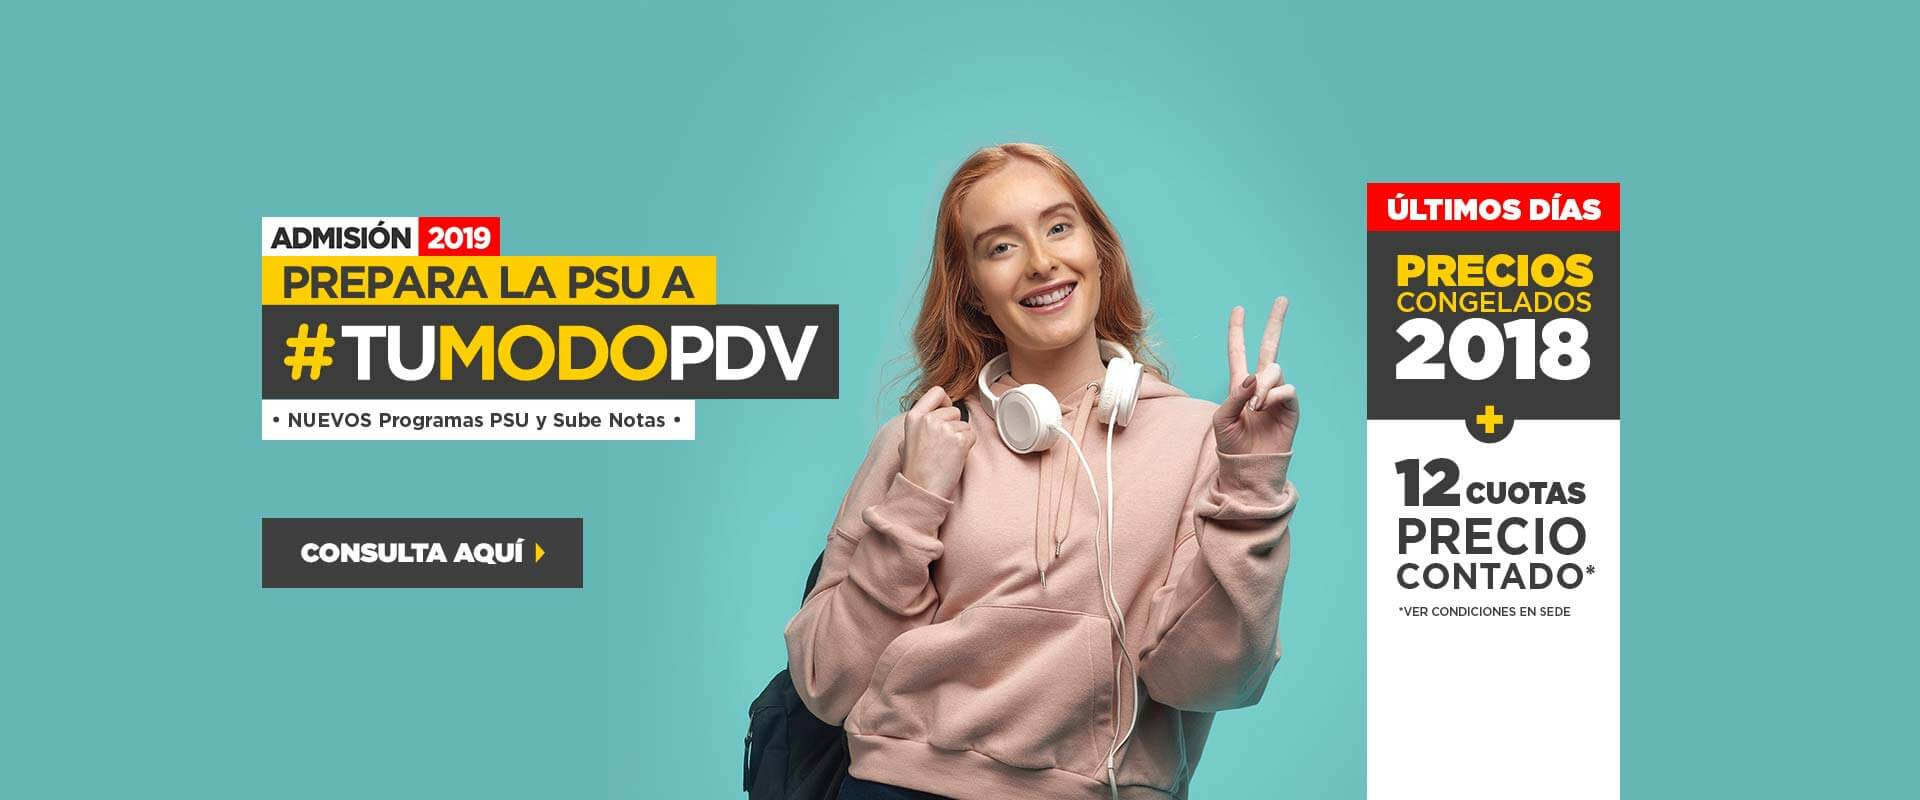 Nueva Admisión 2019 - Preuniversitario Pedro de Valdivia